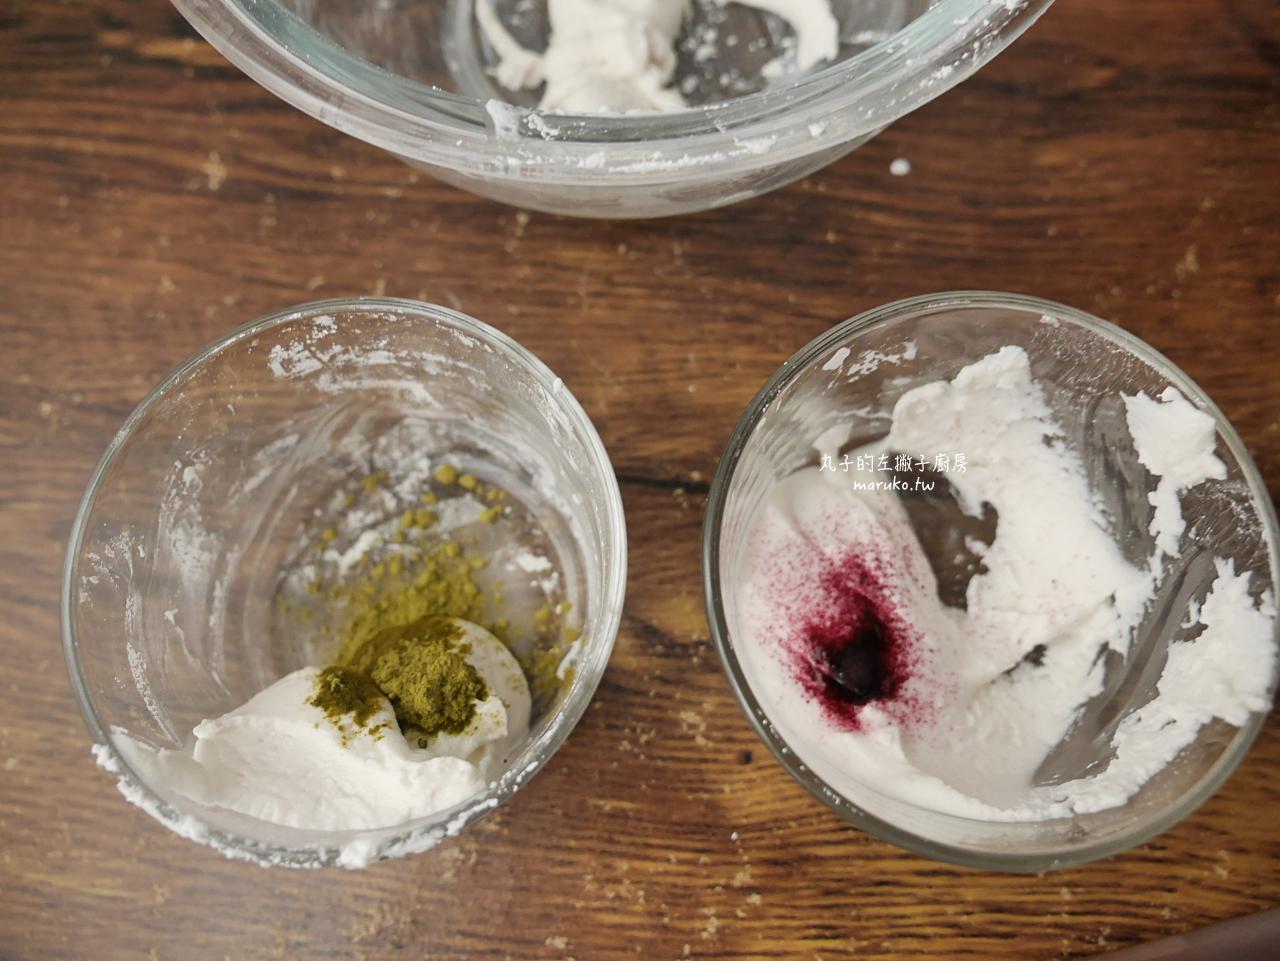 【食譜】三色糰子 花見糰子 月見糰子 只要二種粉混合均勻 日本祭典路邊攤小吃 @Maruko與美食有個約會